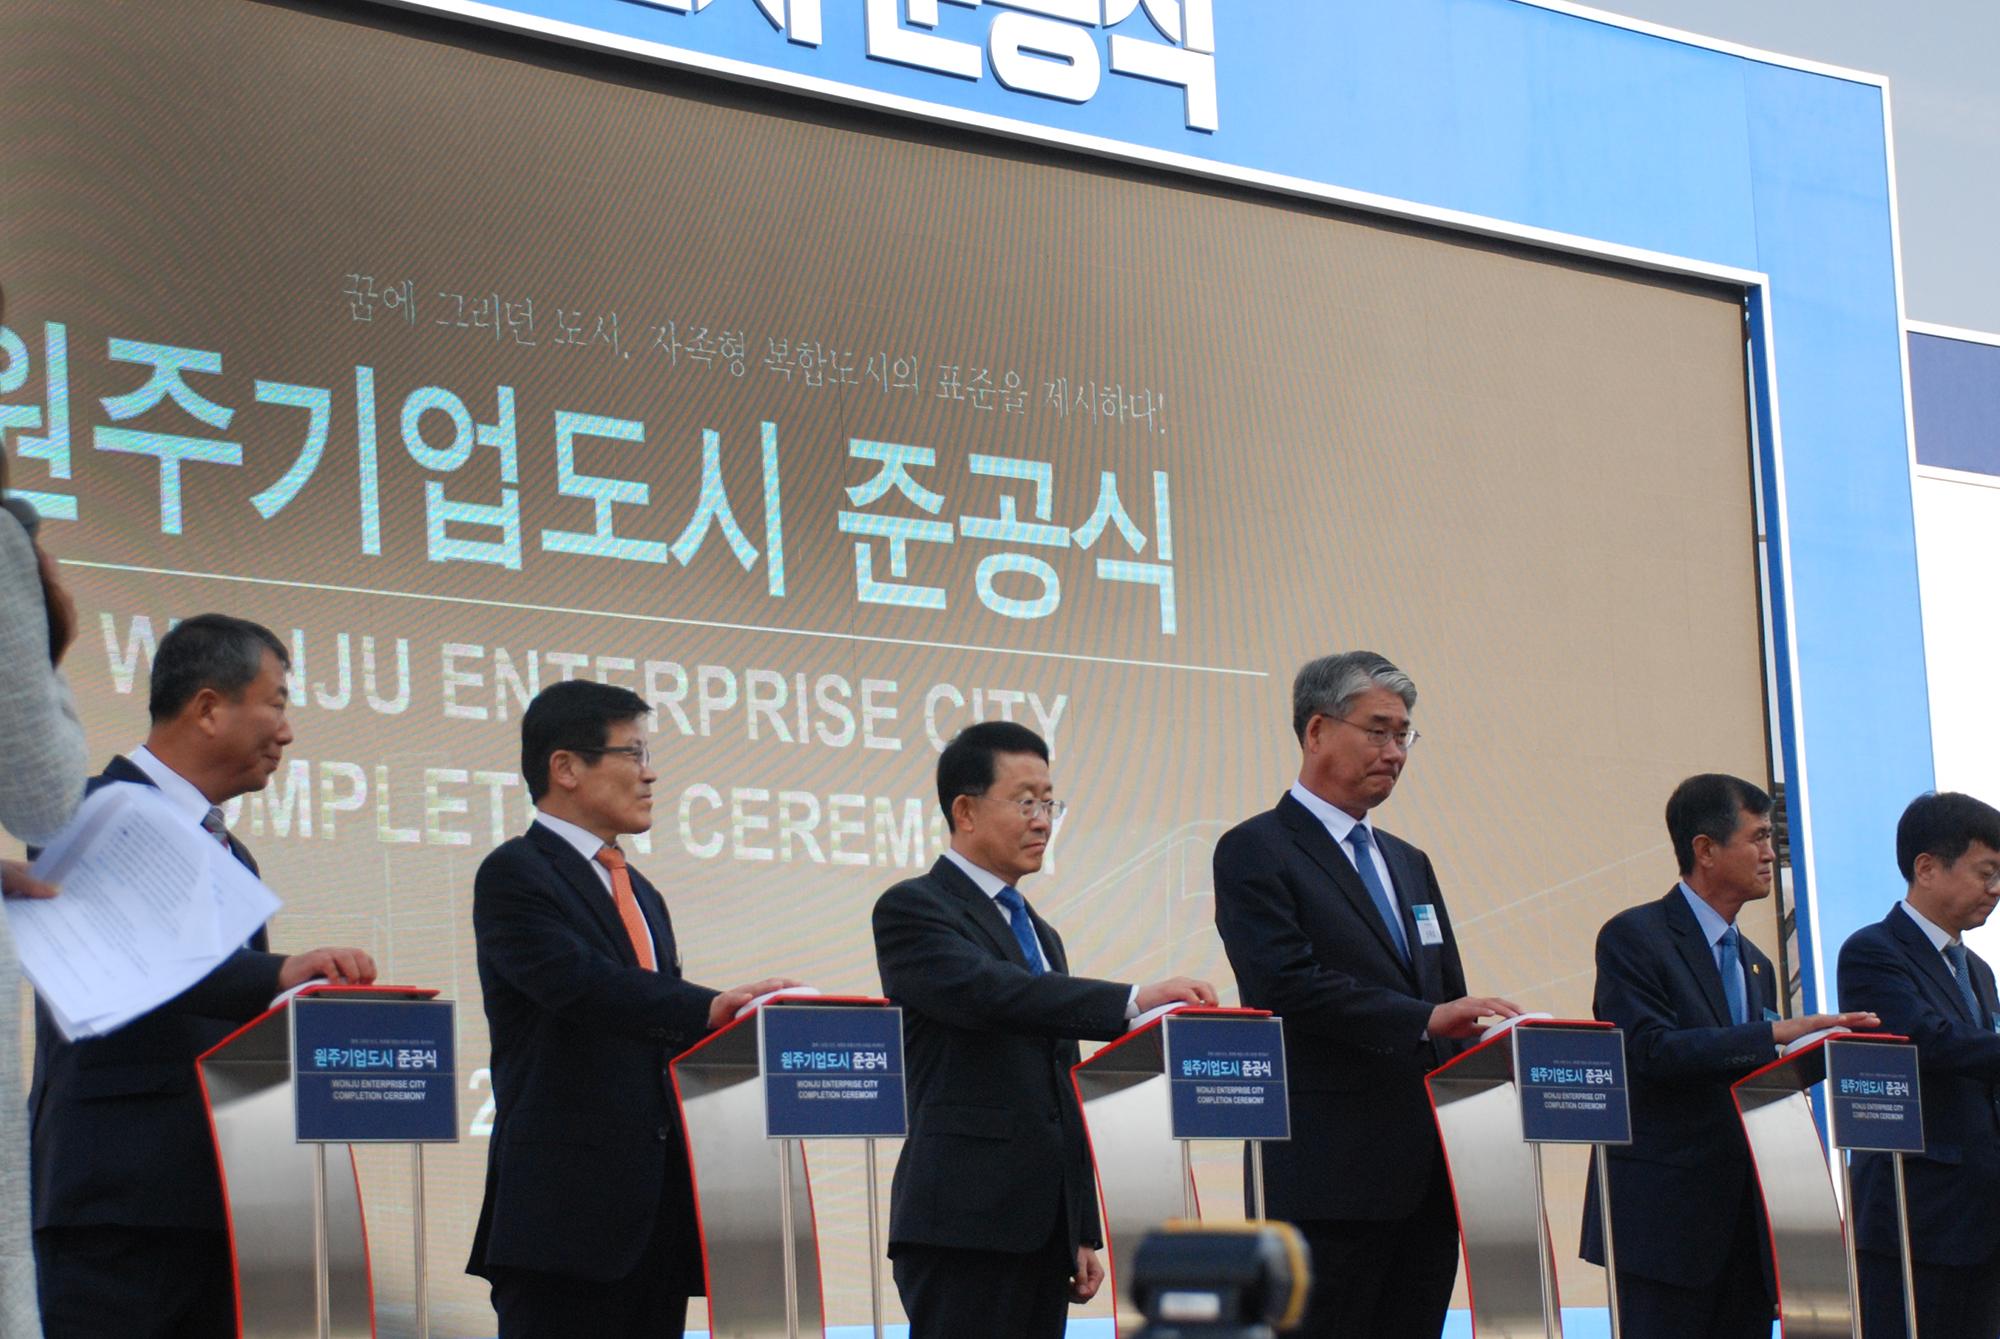 롯데건설 하석주 대표이사(좌측에서 세 번째)가 원주기업도시 준공식 퍼포먼스를 하고 있다.jpg